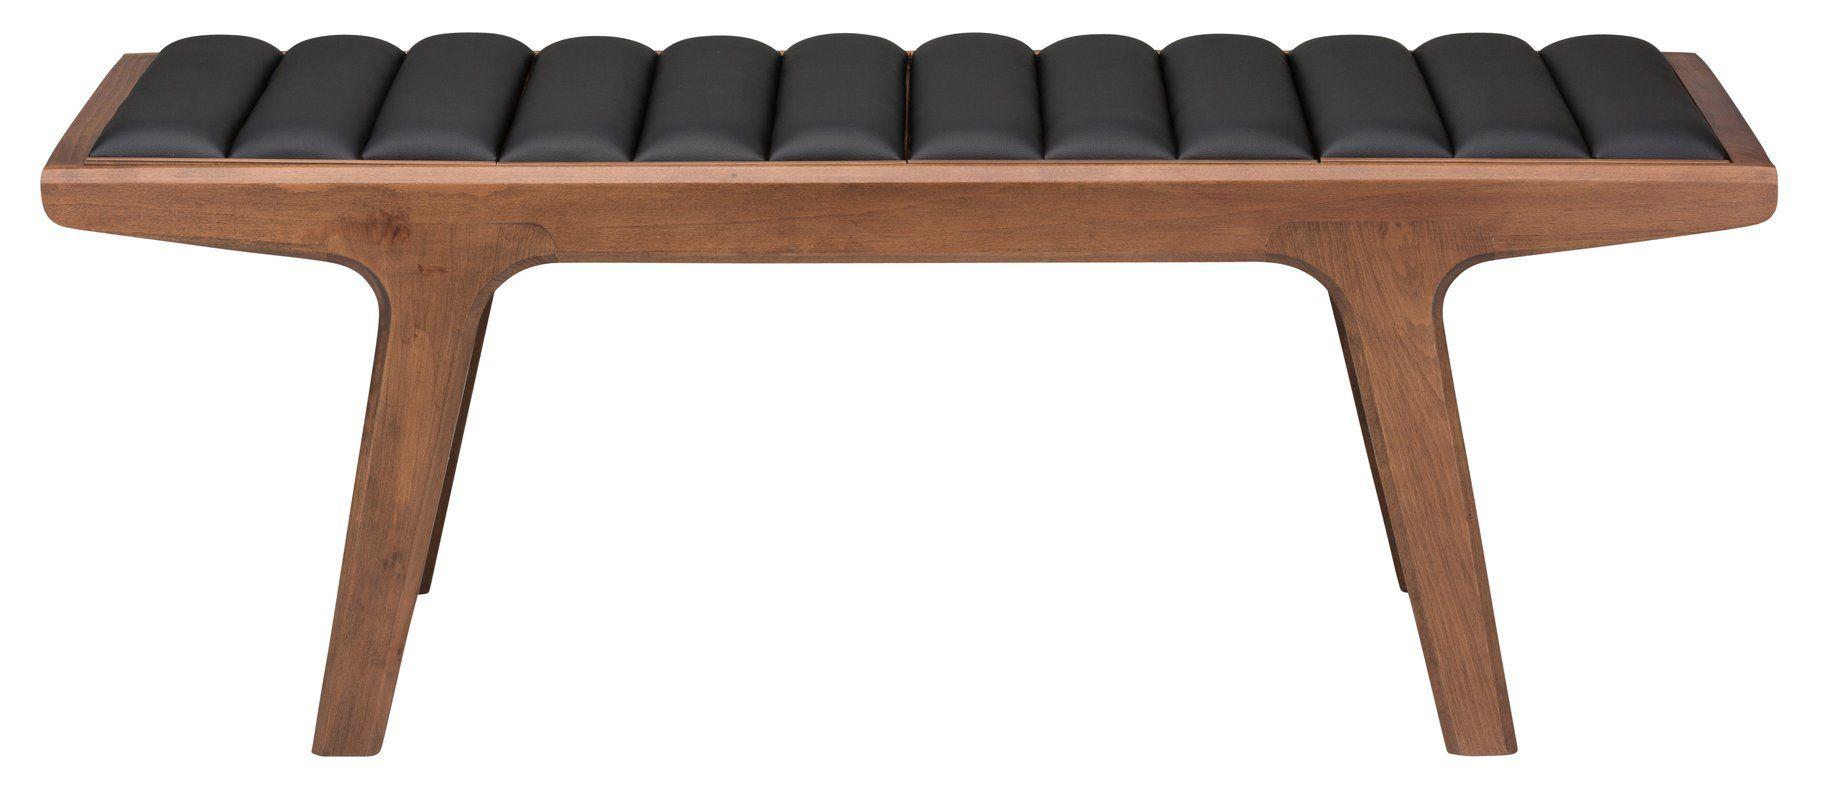 Lillie Upholstered Bench